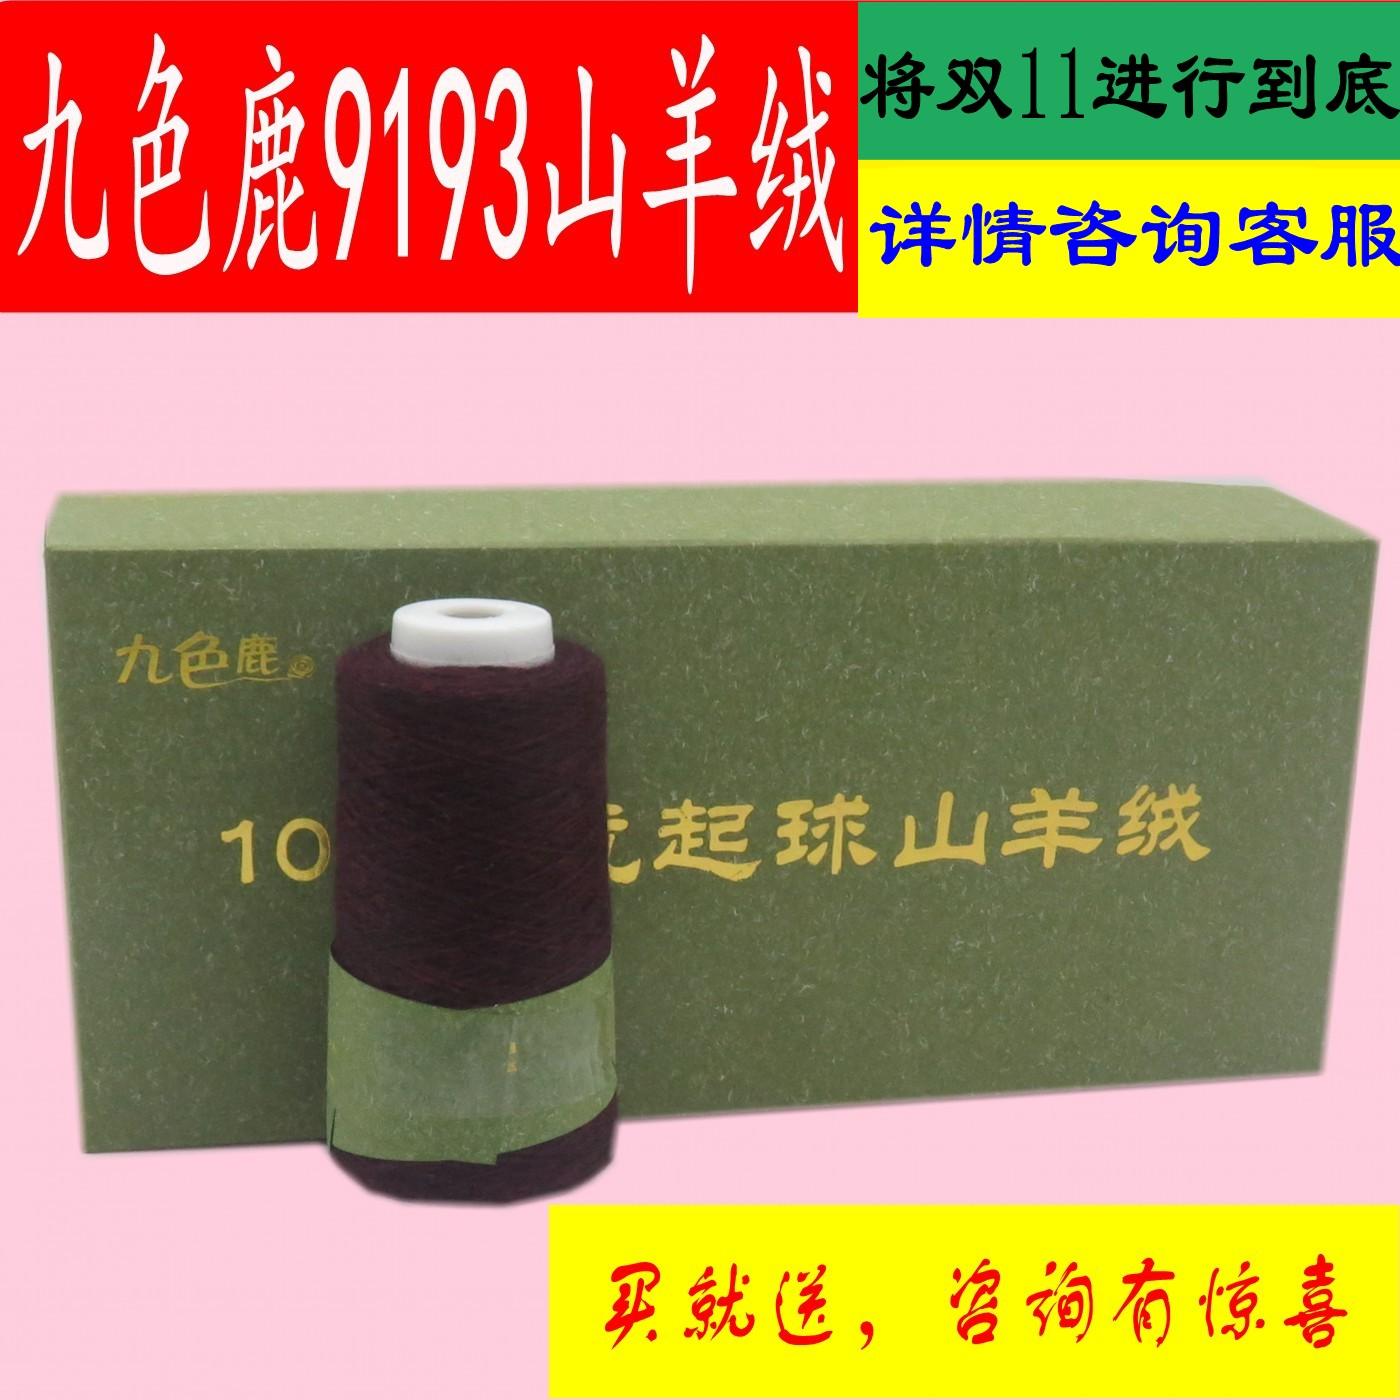 Шерстяные нитки для вязания Артикул 35443734409